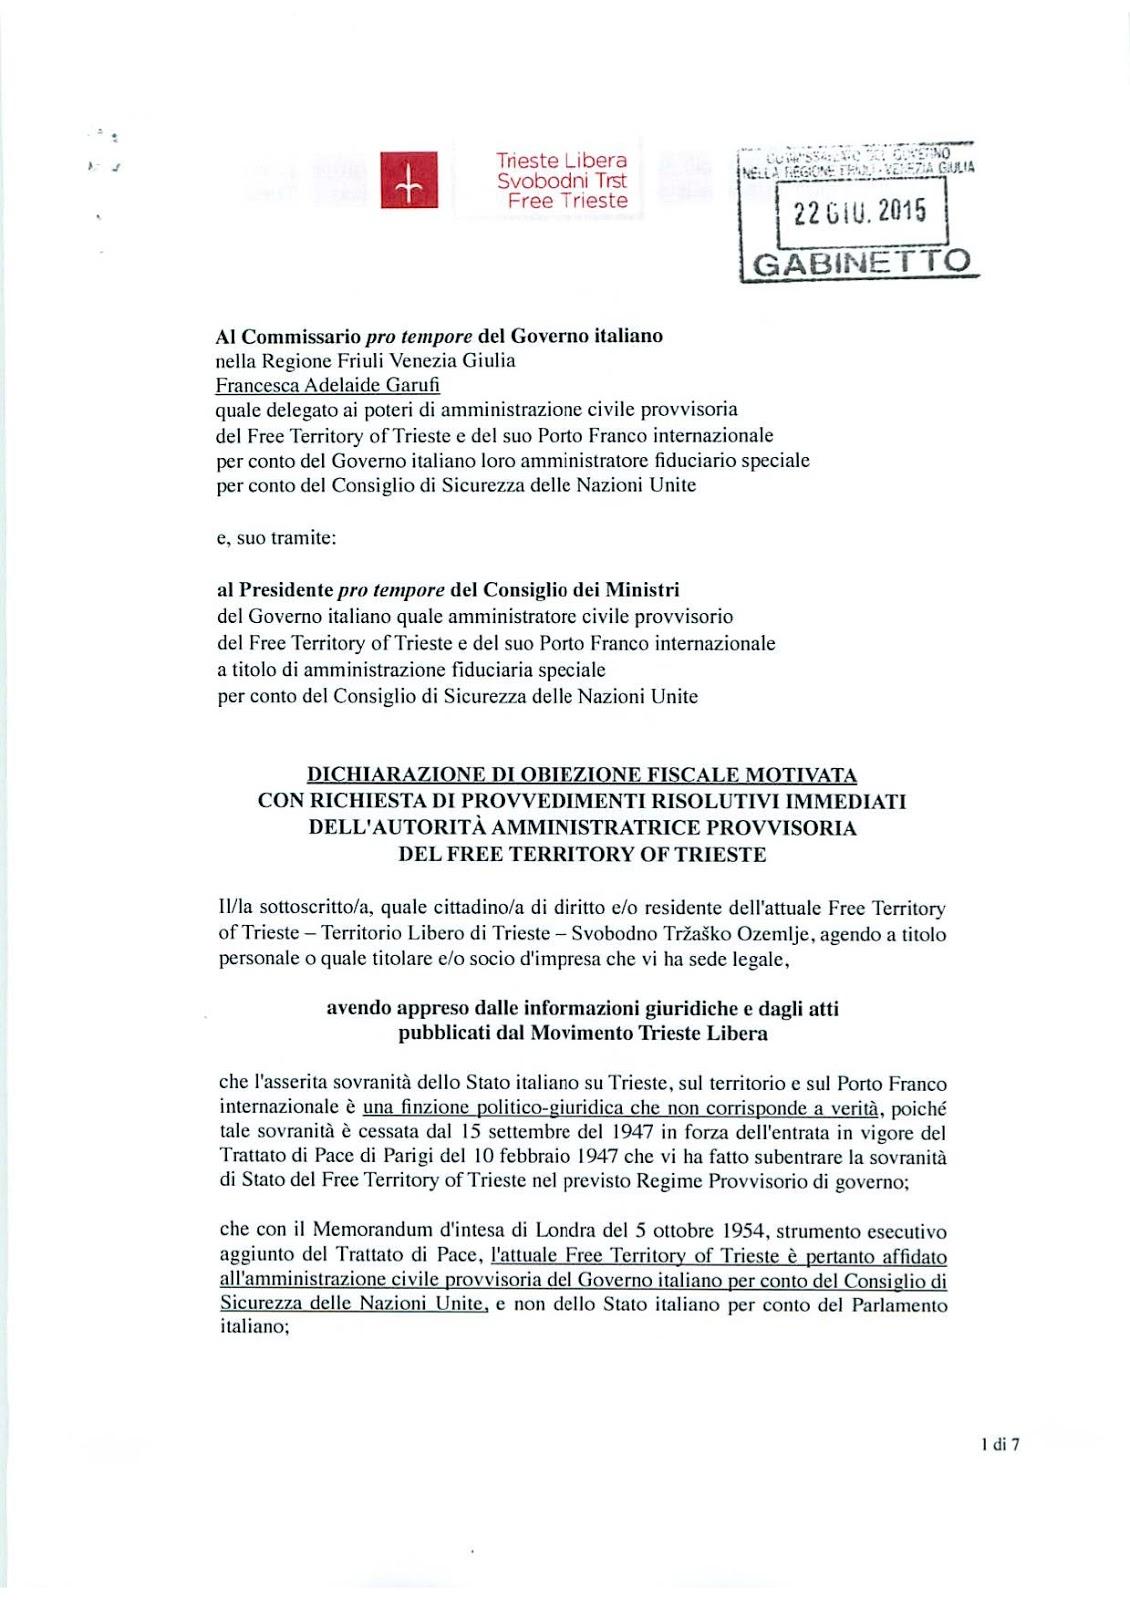 disobbedienza_fiscale_giurastante